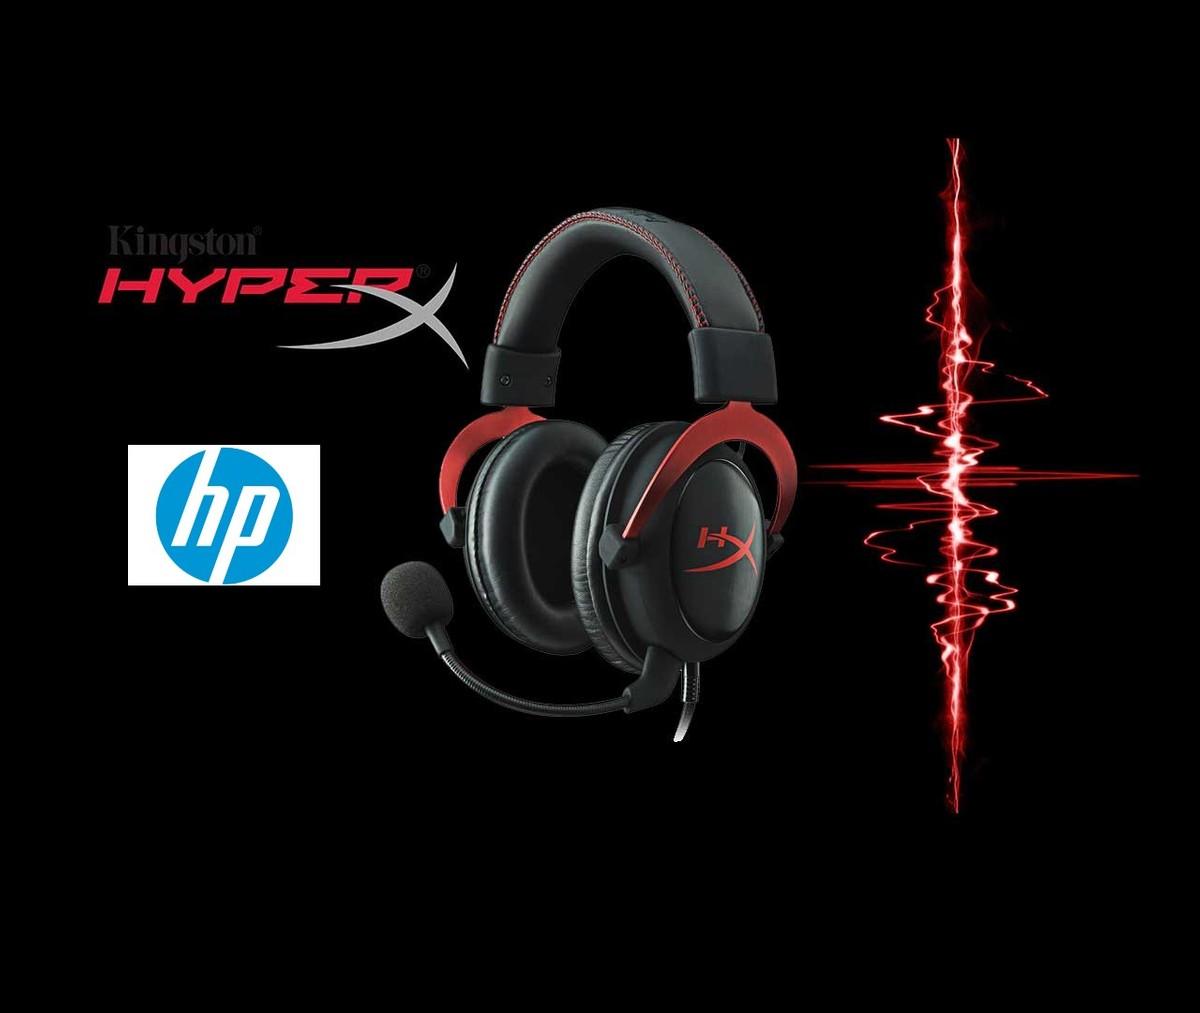 HP acquiert l'activité périphérique d'HyperX pour 425 millions de dollars